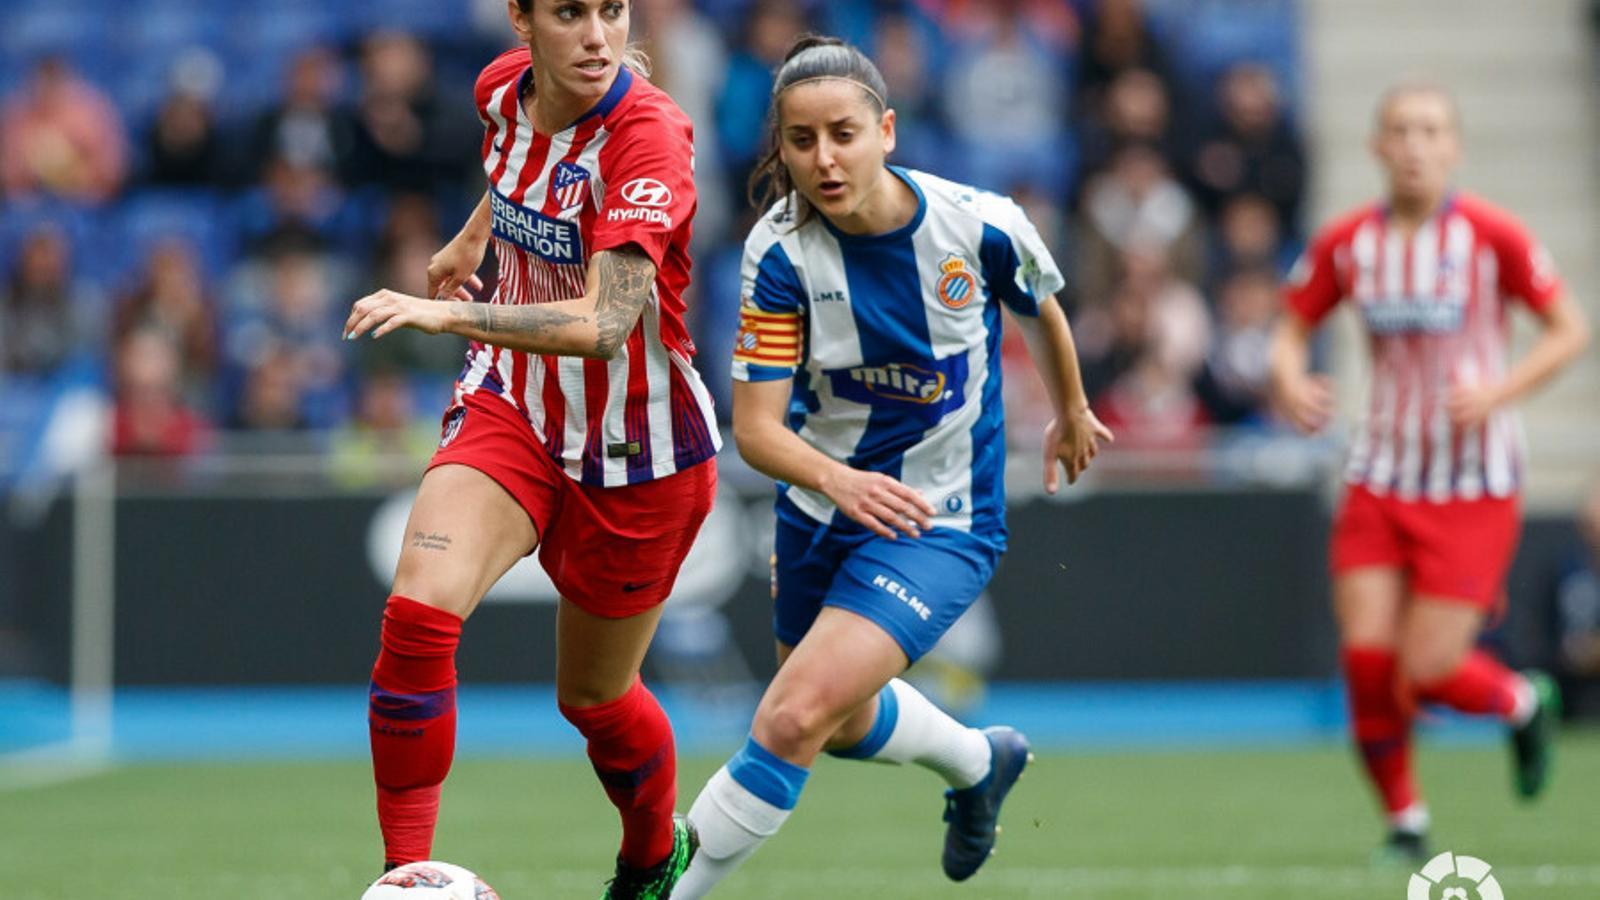 Ángela Sosa i Paloma Fernández, en una acció de l'Espanyol-Atlètic a l'RCDE Stadium